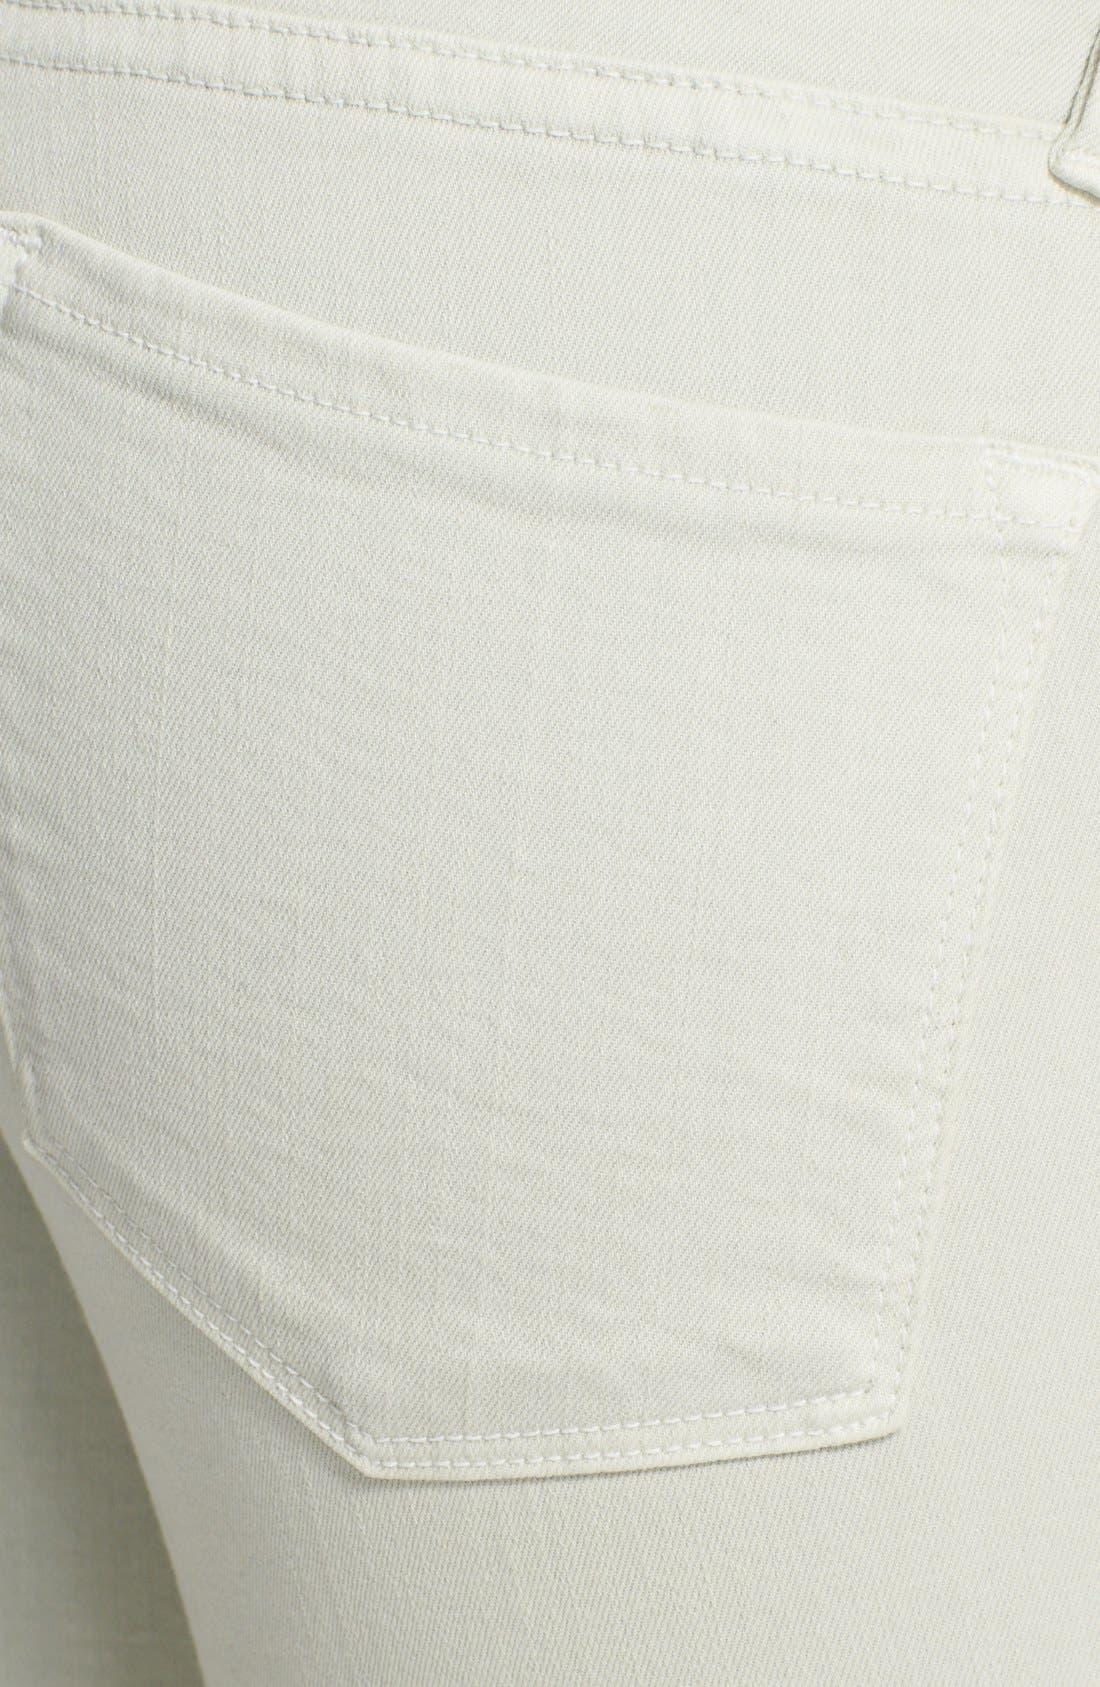 Alternate Image 3  - FRAME 'Le Color' Skinny Jeans (Pale Mint)